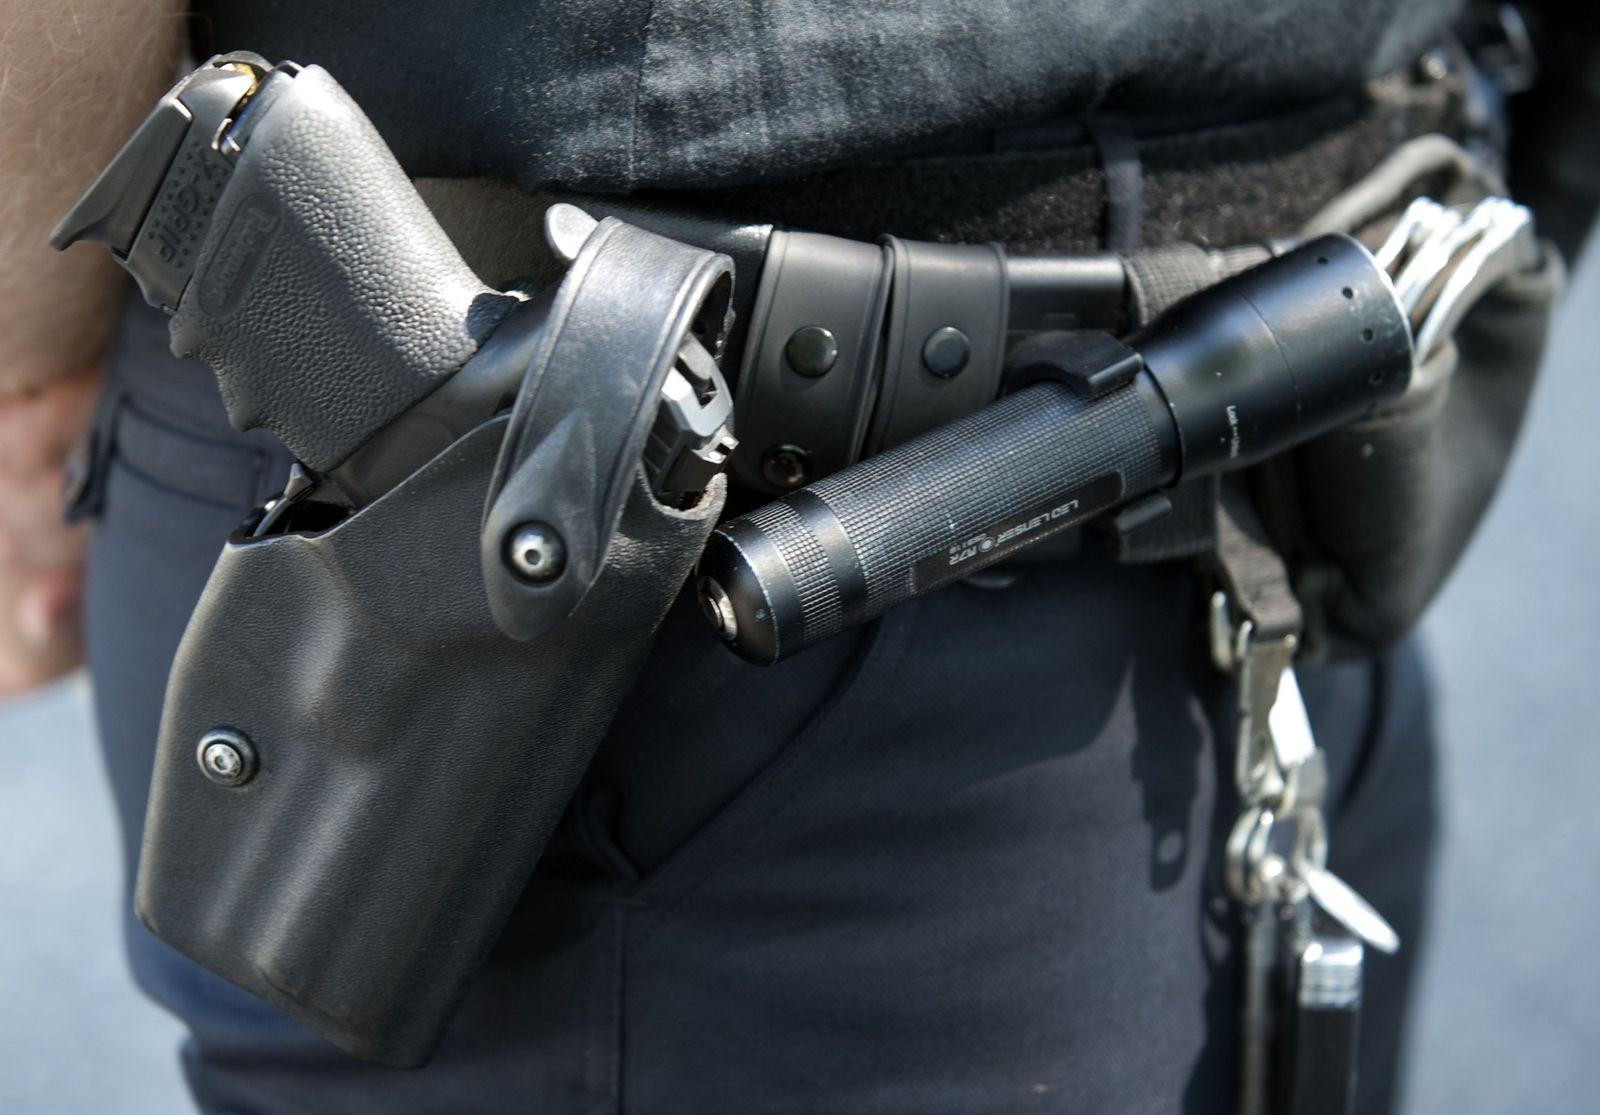 Polizei / Waffe